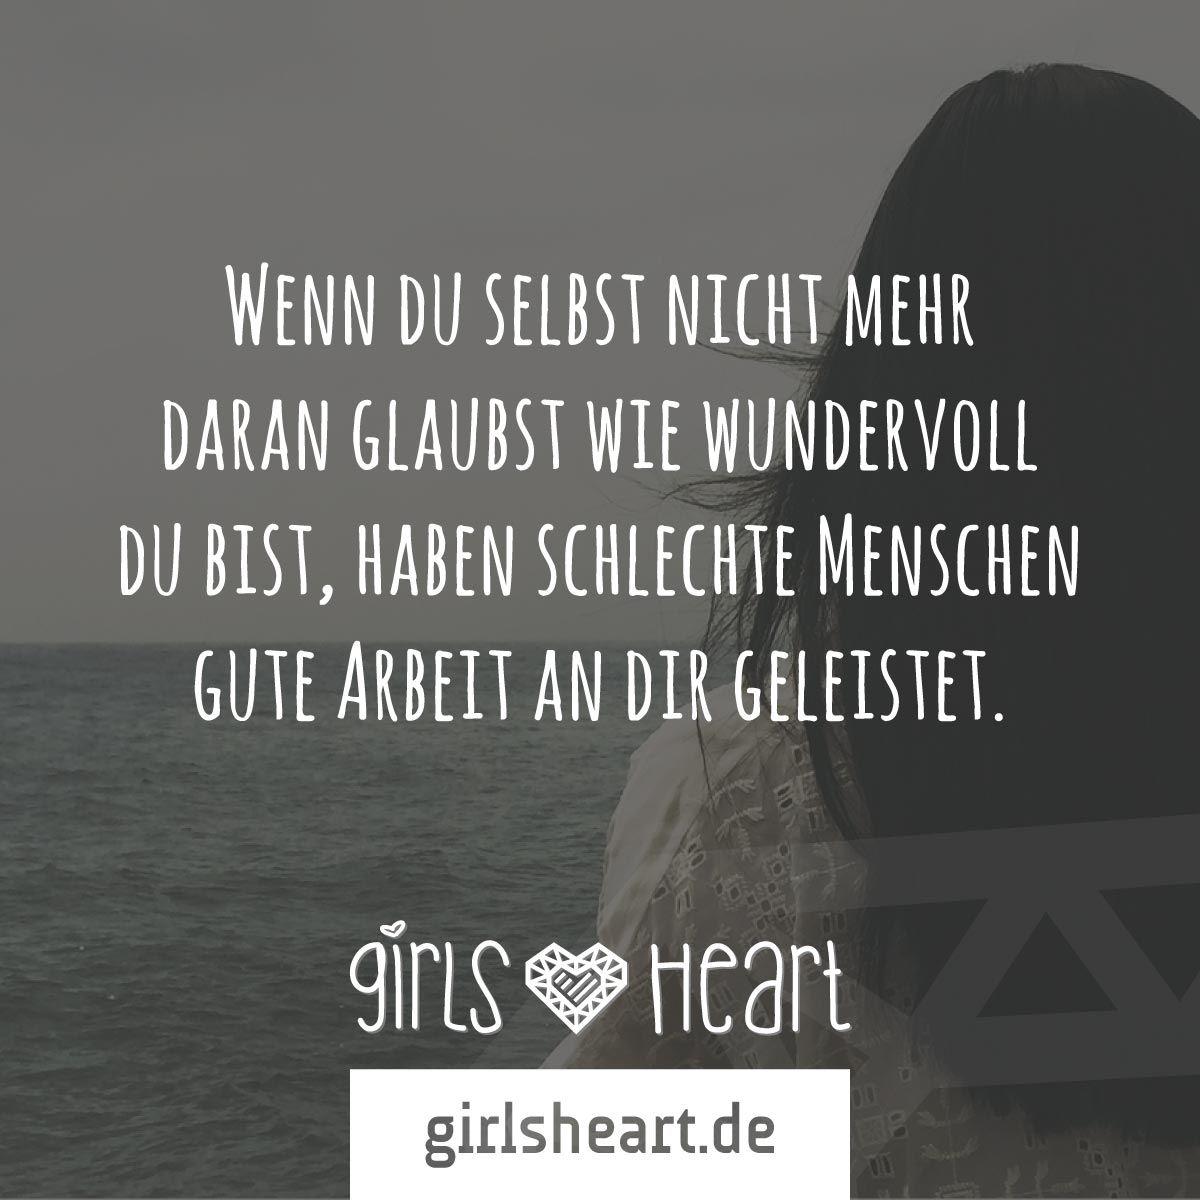 selbstwert sprüche Mehr Sprüche auf: .girlsheart.de #selbstvertrauen  selbstwert sprüche